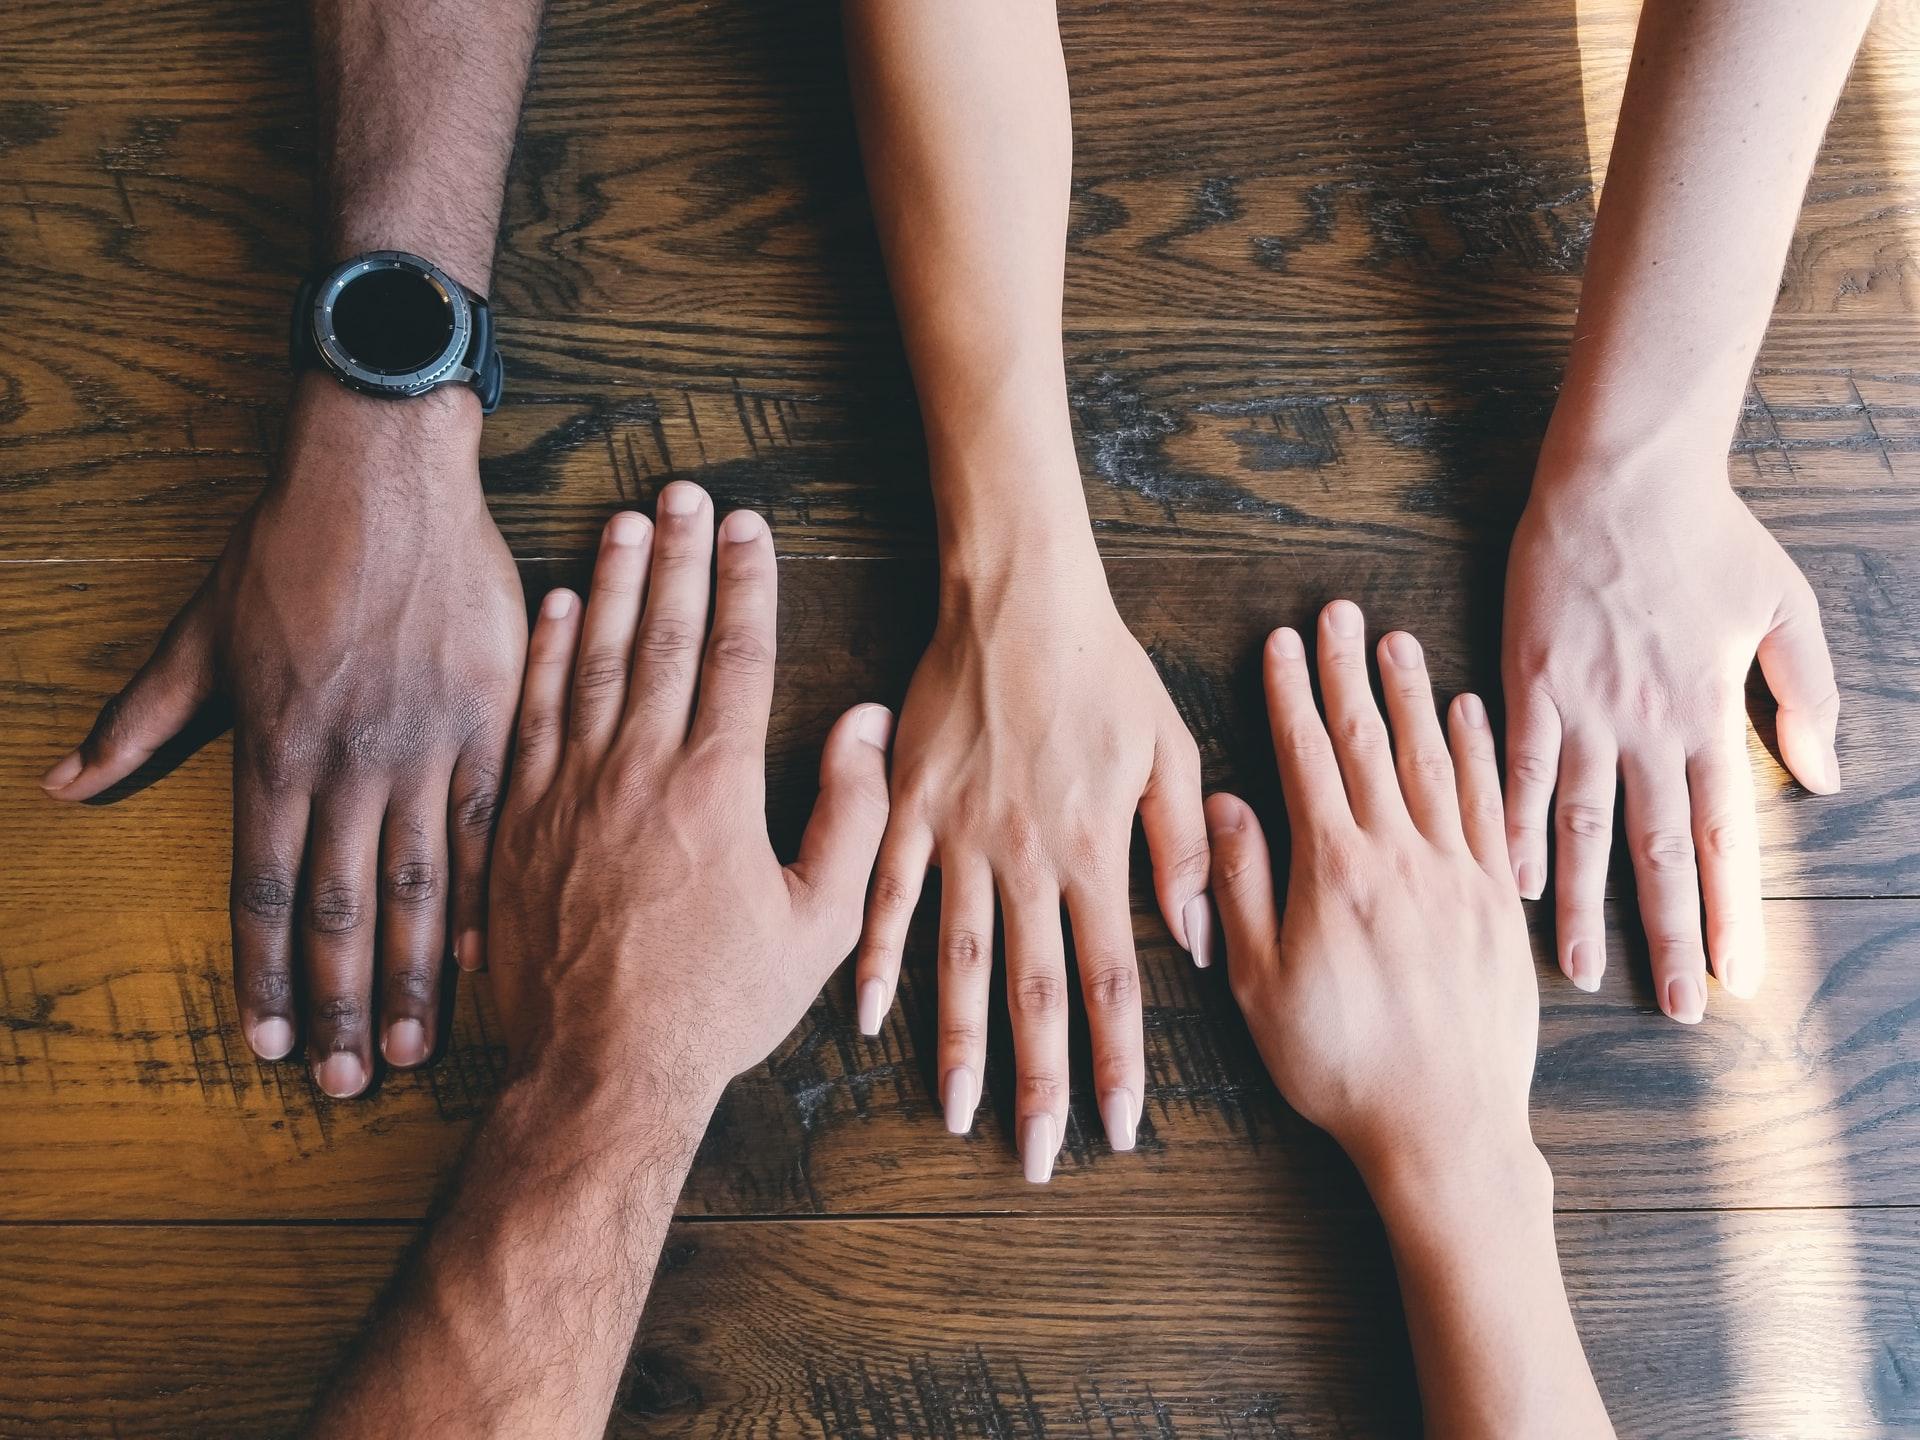 Neljä kättä vierekkäin pöydällä